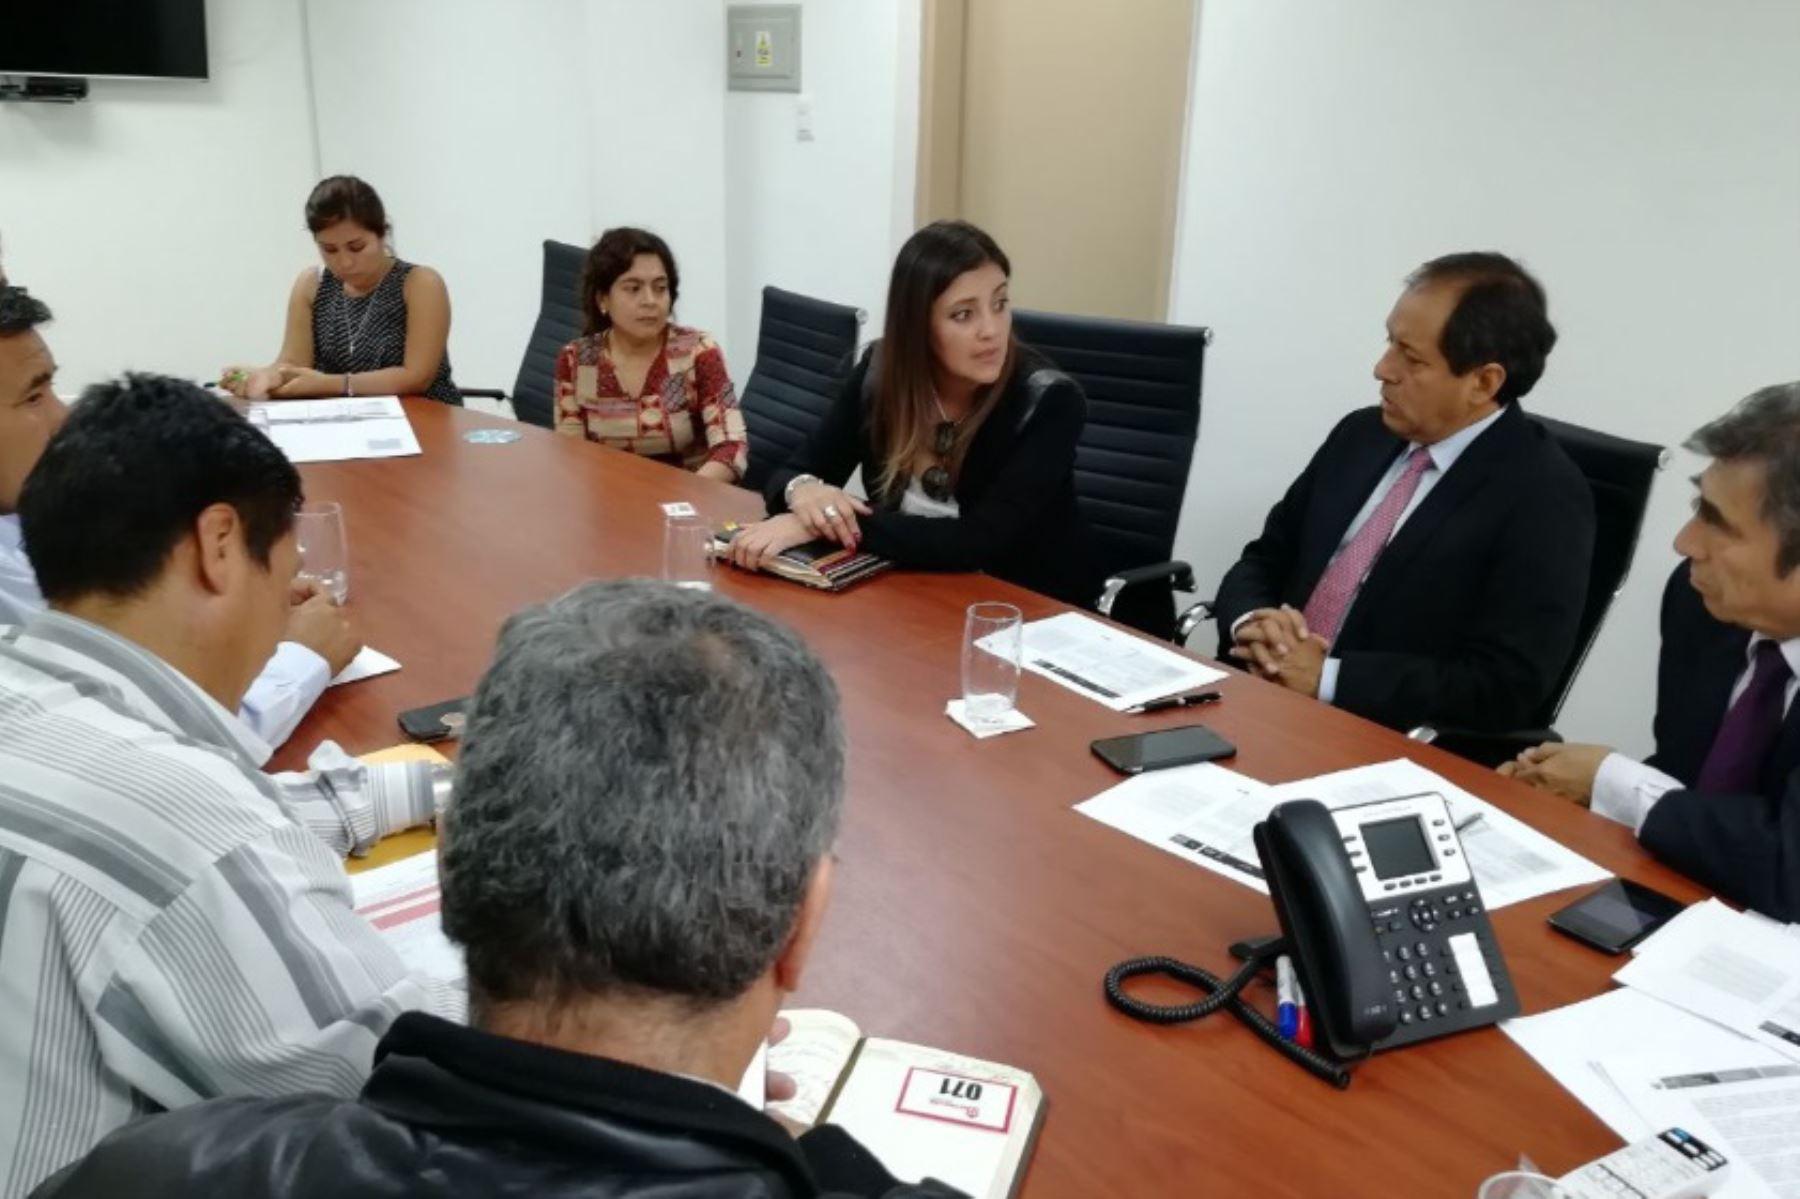 La reconstrucción de las zonas afectadas por el Niño Costero en la región Arequipa se iniciarán a fines de mayo con la ejecución del primer paquete de proyectos que financiará la Autoridad para la Reconstrucción con Cambios (ARCC), con un presupuesto de 100 millones de soles, anunció la gobernadora regional de Arequipa, Yamila Osorio.